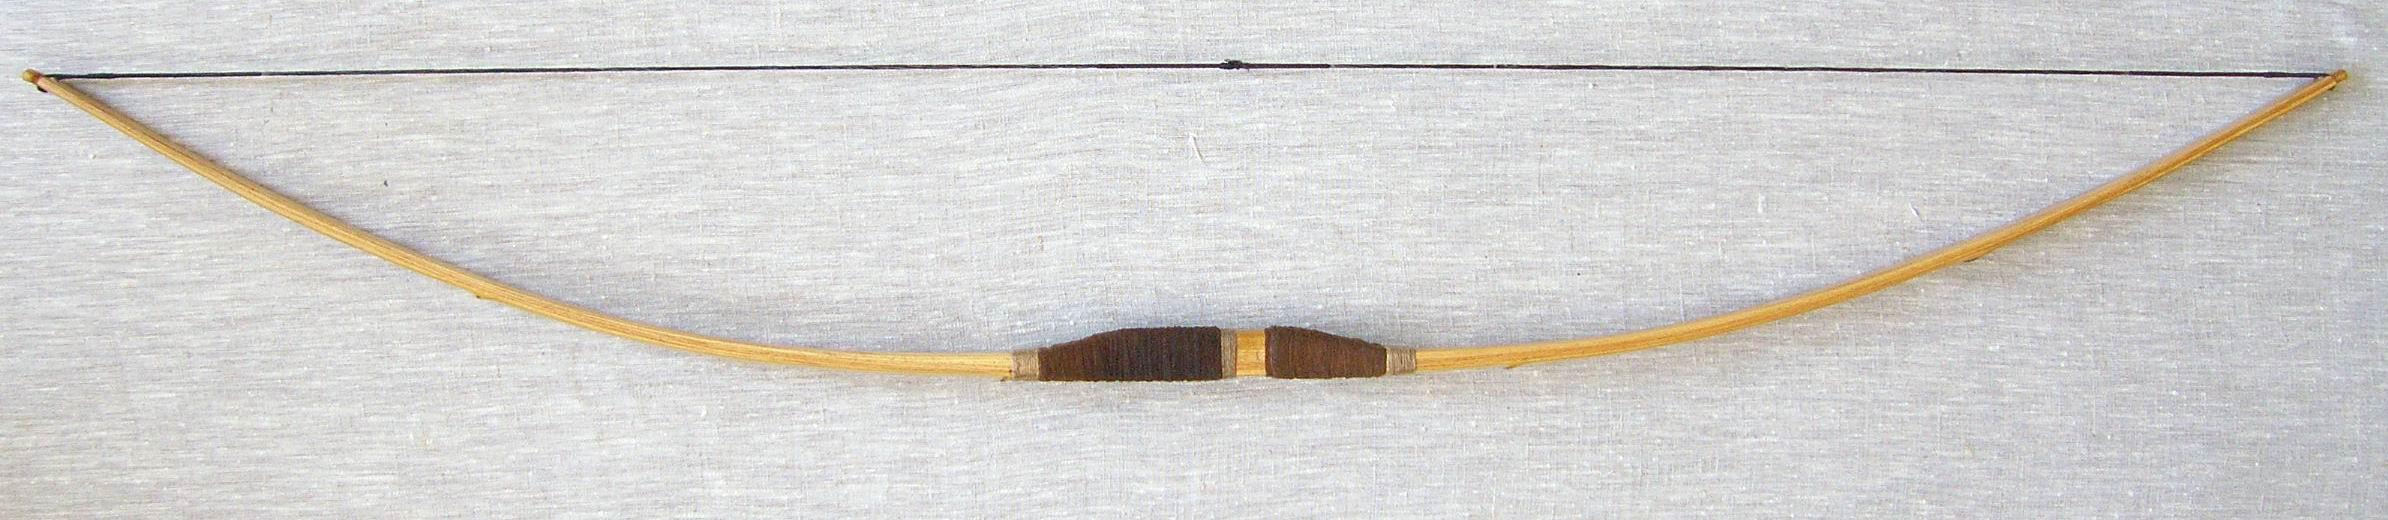 Как из фото сделать лук